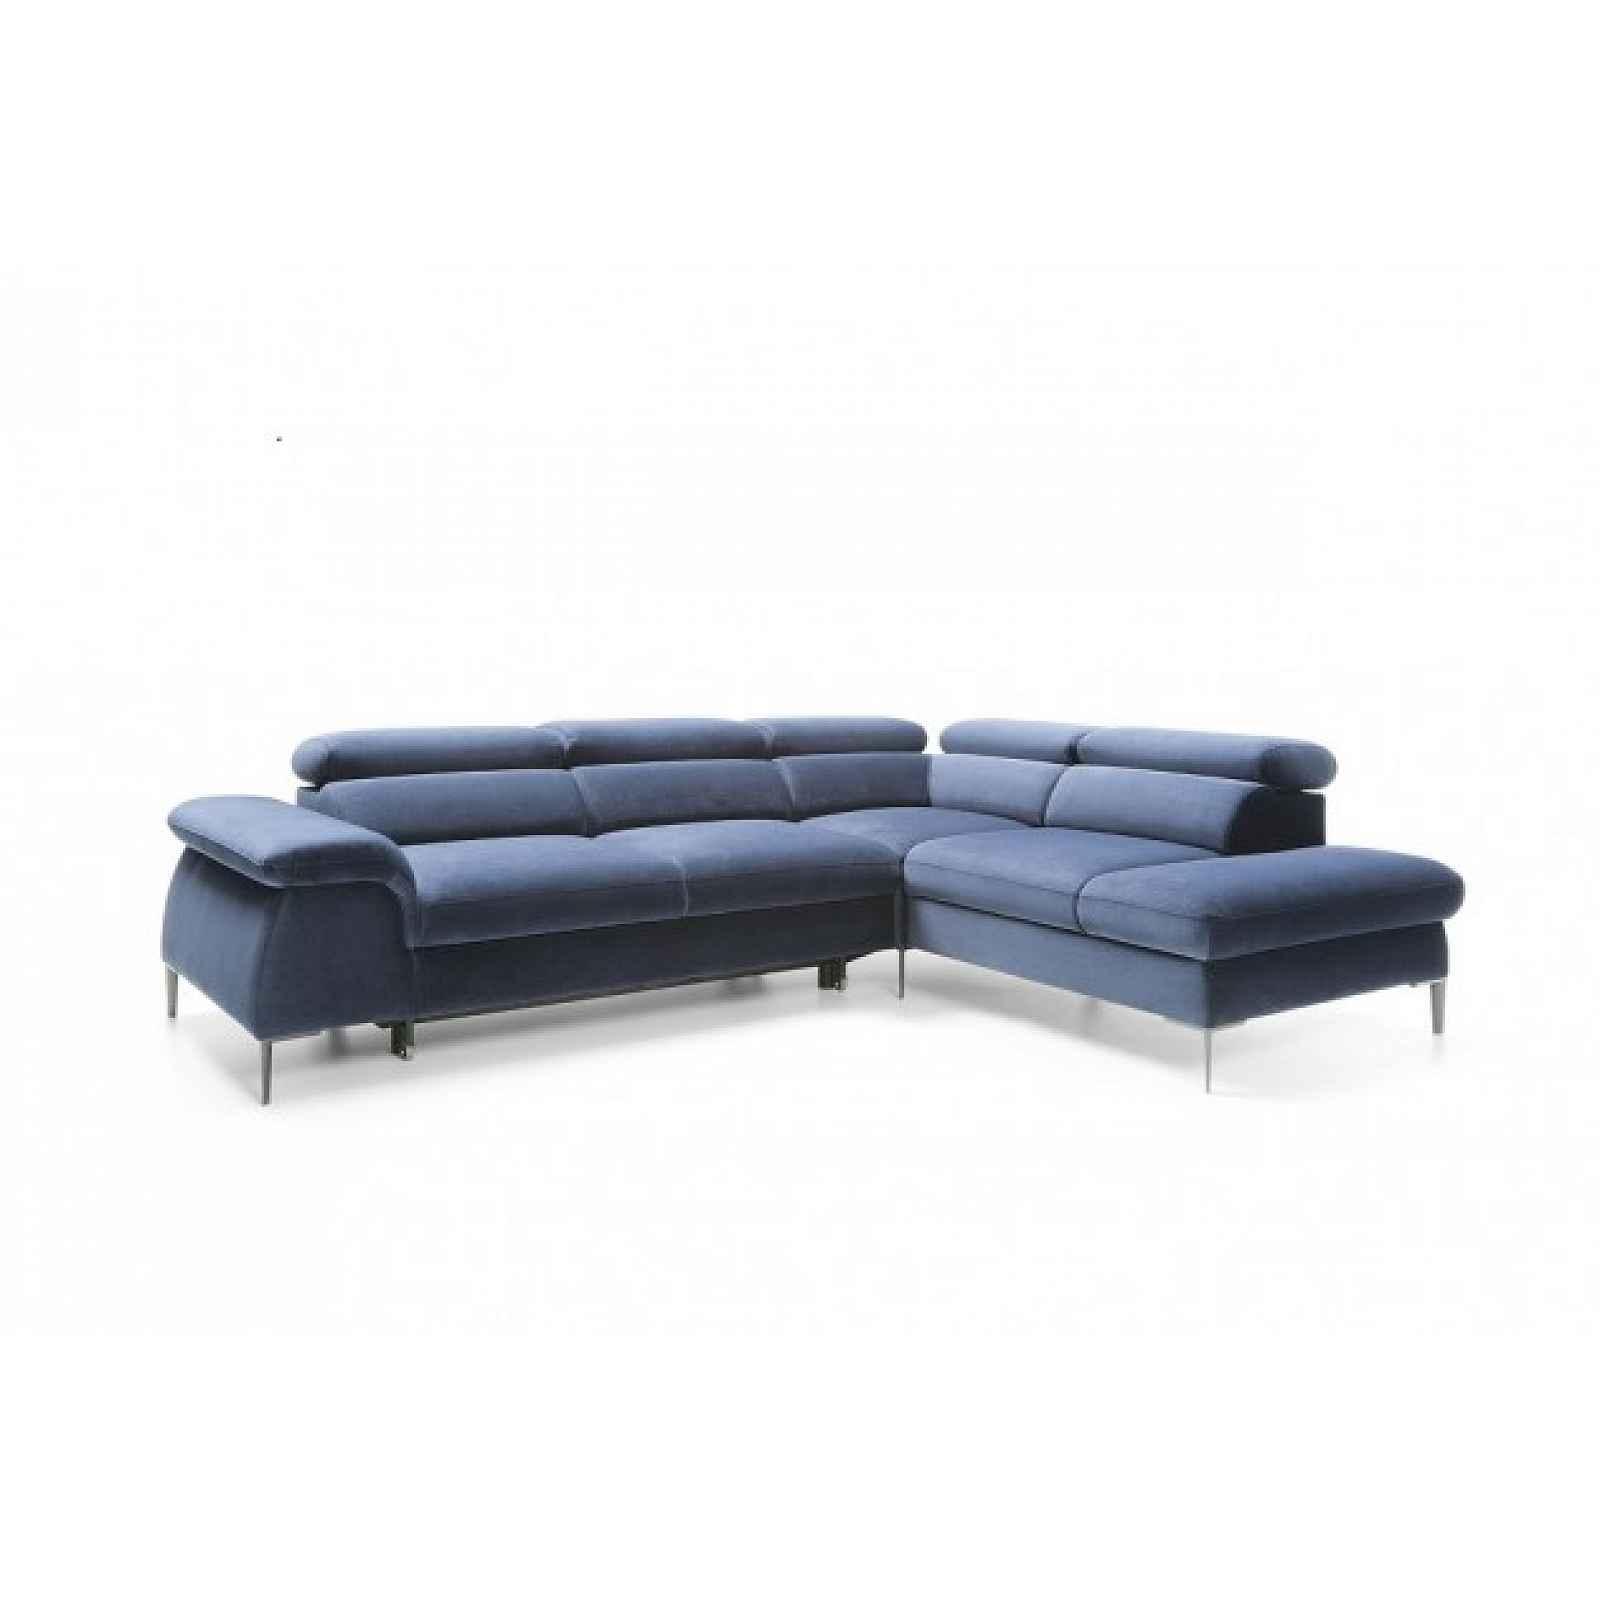 Rohová sedačka rozkládací Berg pravý roh ÚP modrá